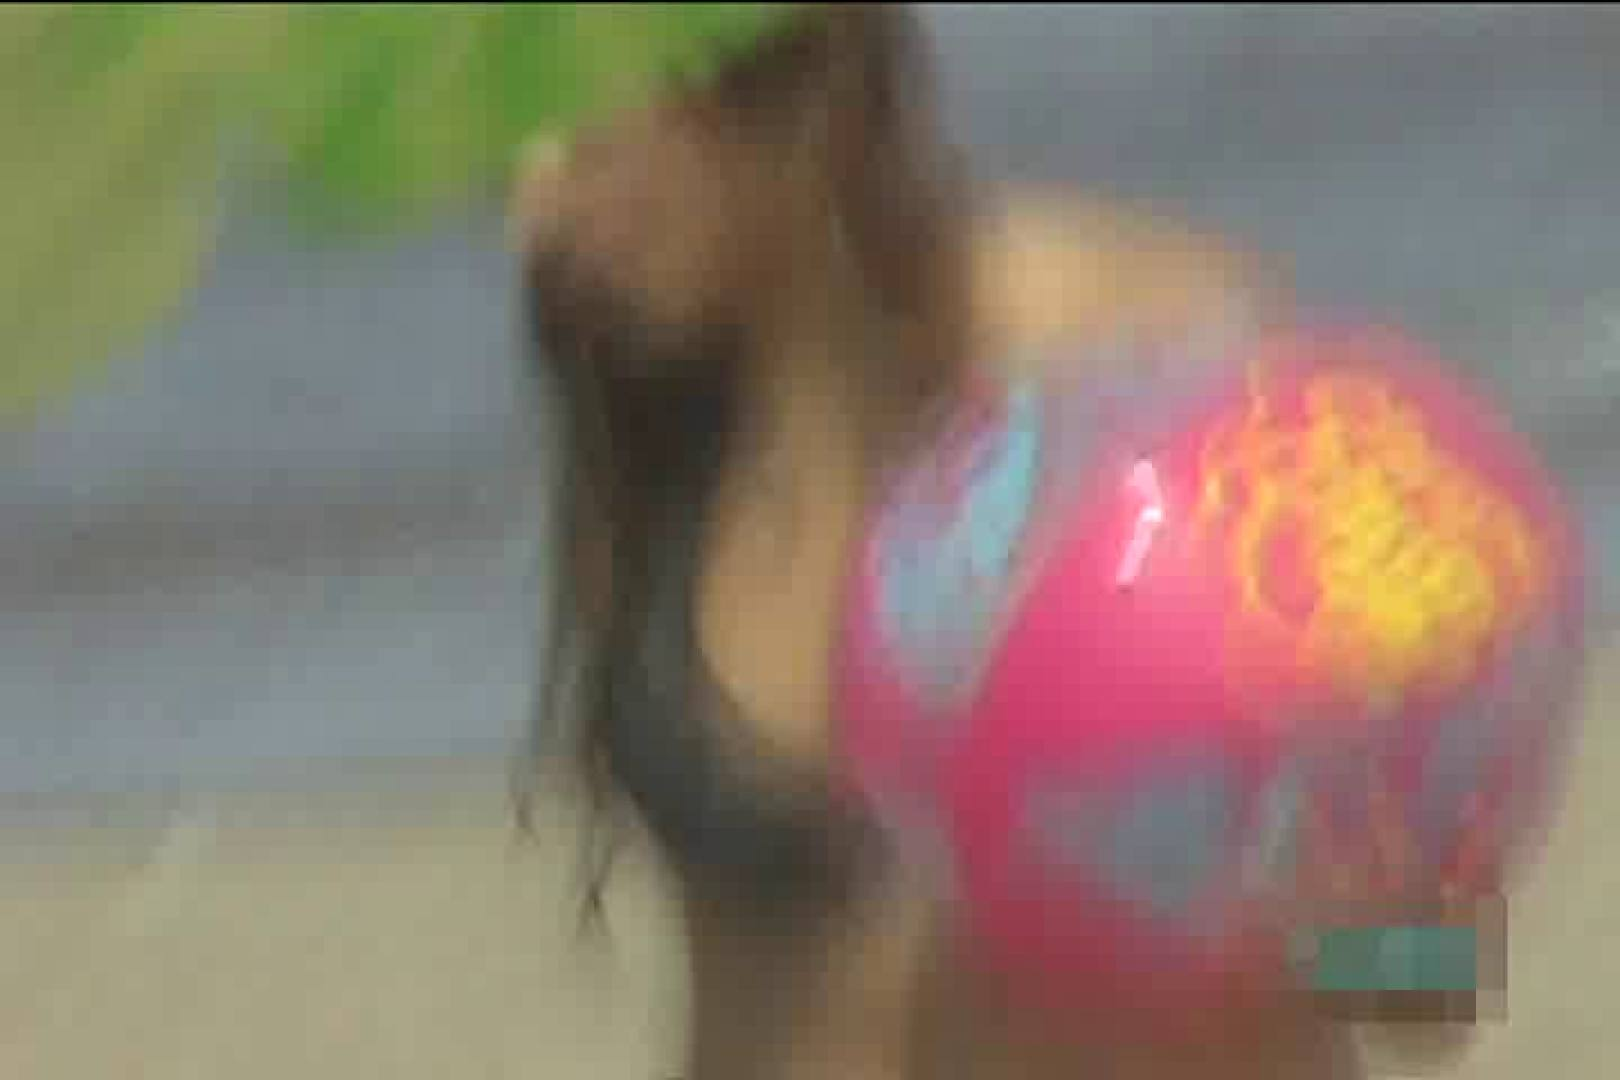 真夏のビーチは危険地帯Vol.3 エロティックなOL セックス無修正動画無料 79画像 7